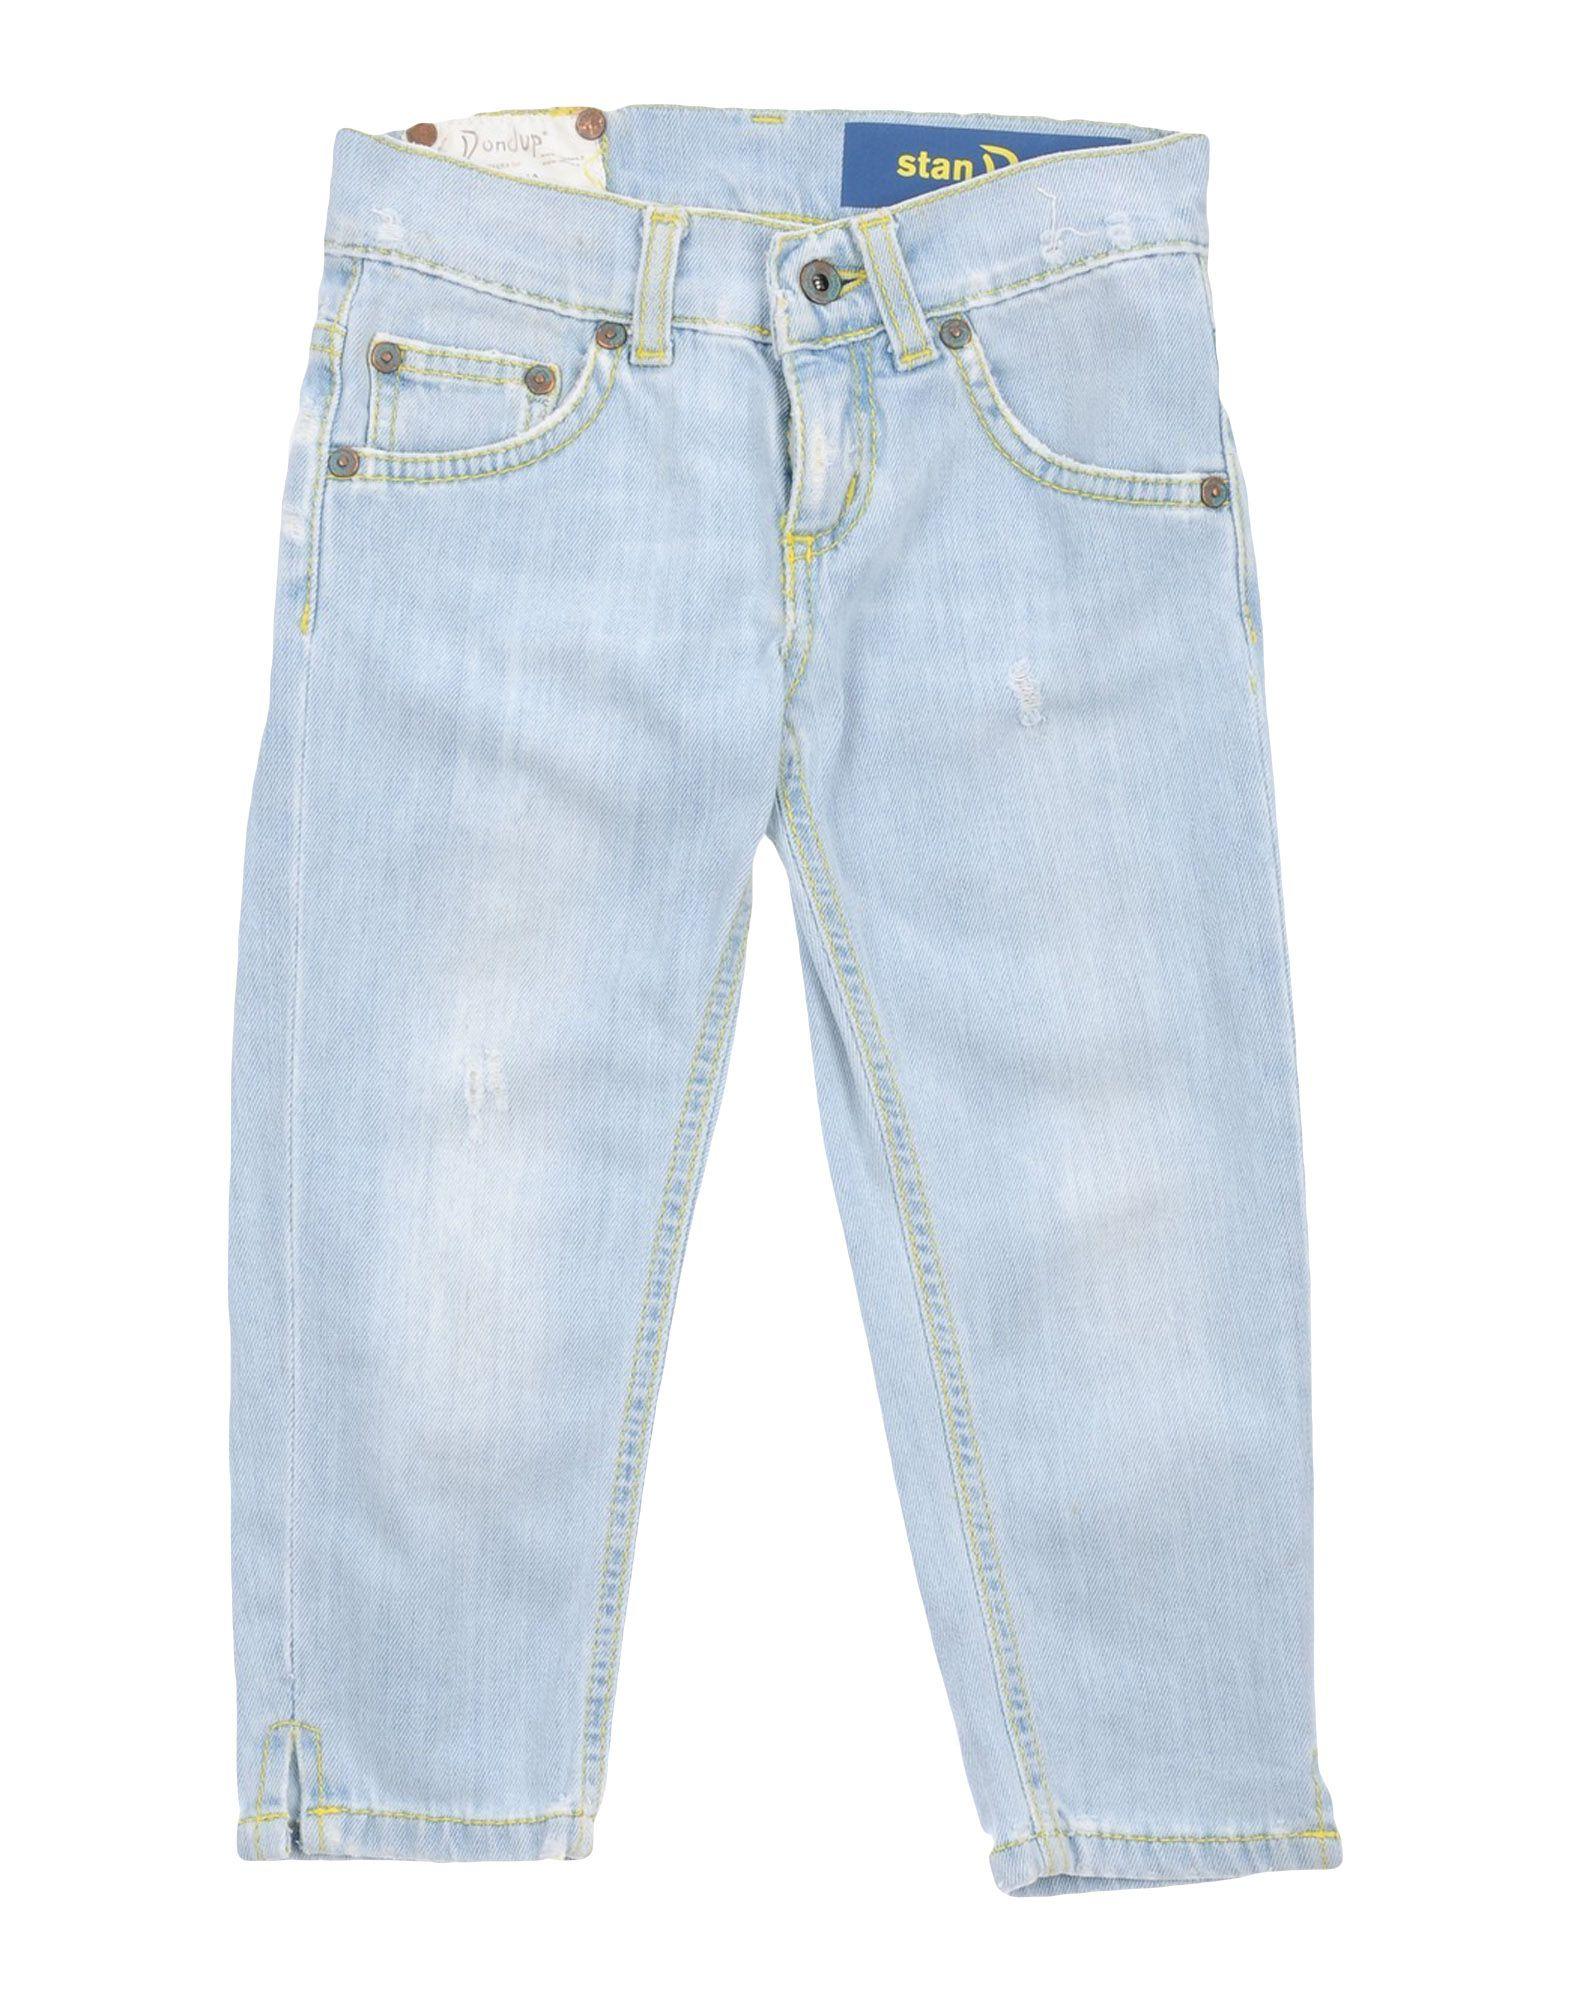 DONDUP Jungen 3-8 jahre Jeanshose Farbe Blau Größe 4 jetztbilligerkaufen